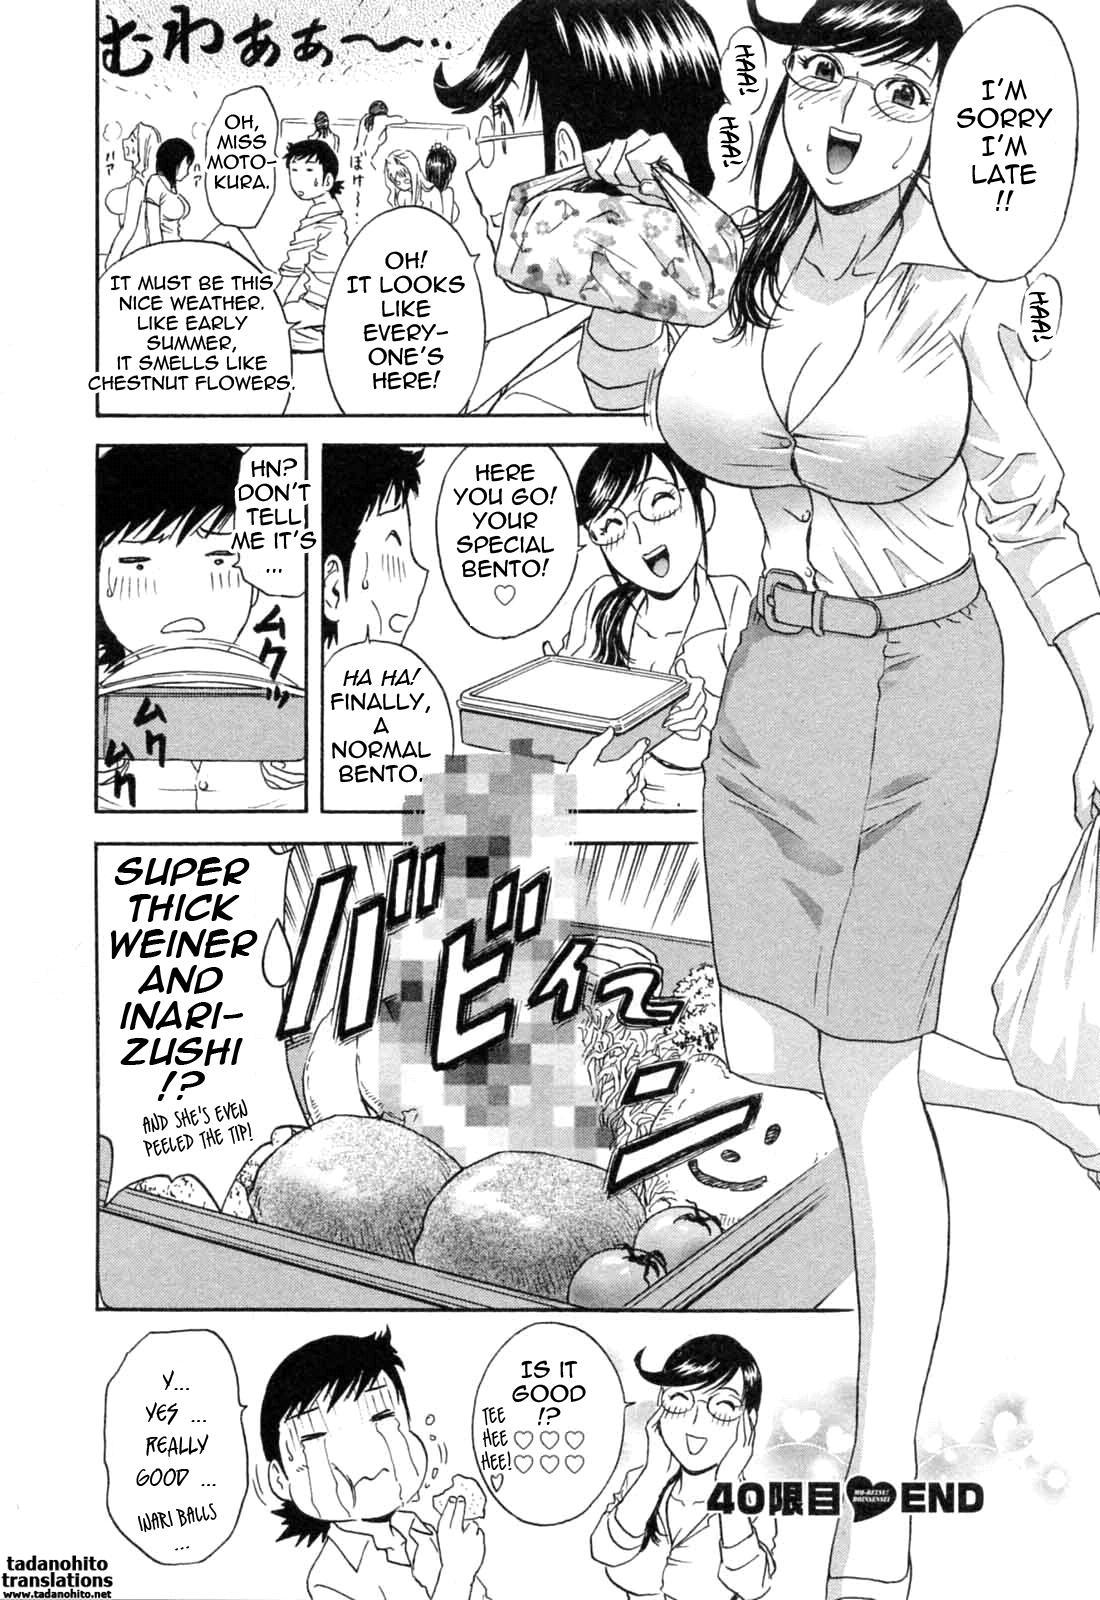 [Hidemaru] Mo-Retsu! Boin Sensei (Boing Boing Teacher) Vol.5 [English] [4dawgz] [Tadanohito] 91